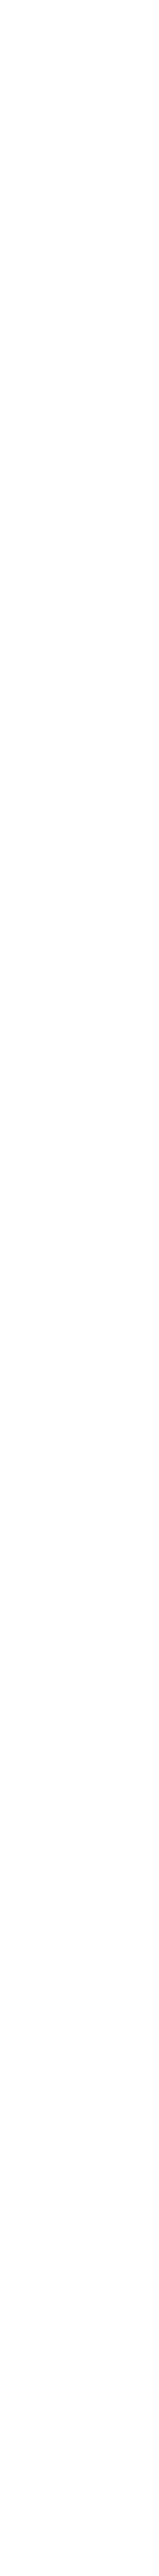 ใหม่ ดาวิกา ดราม่า ปู ชมพู่